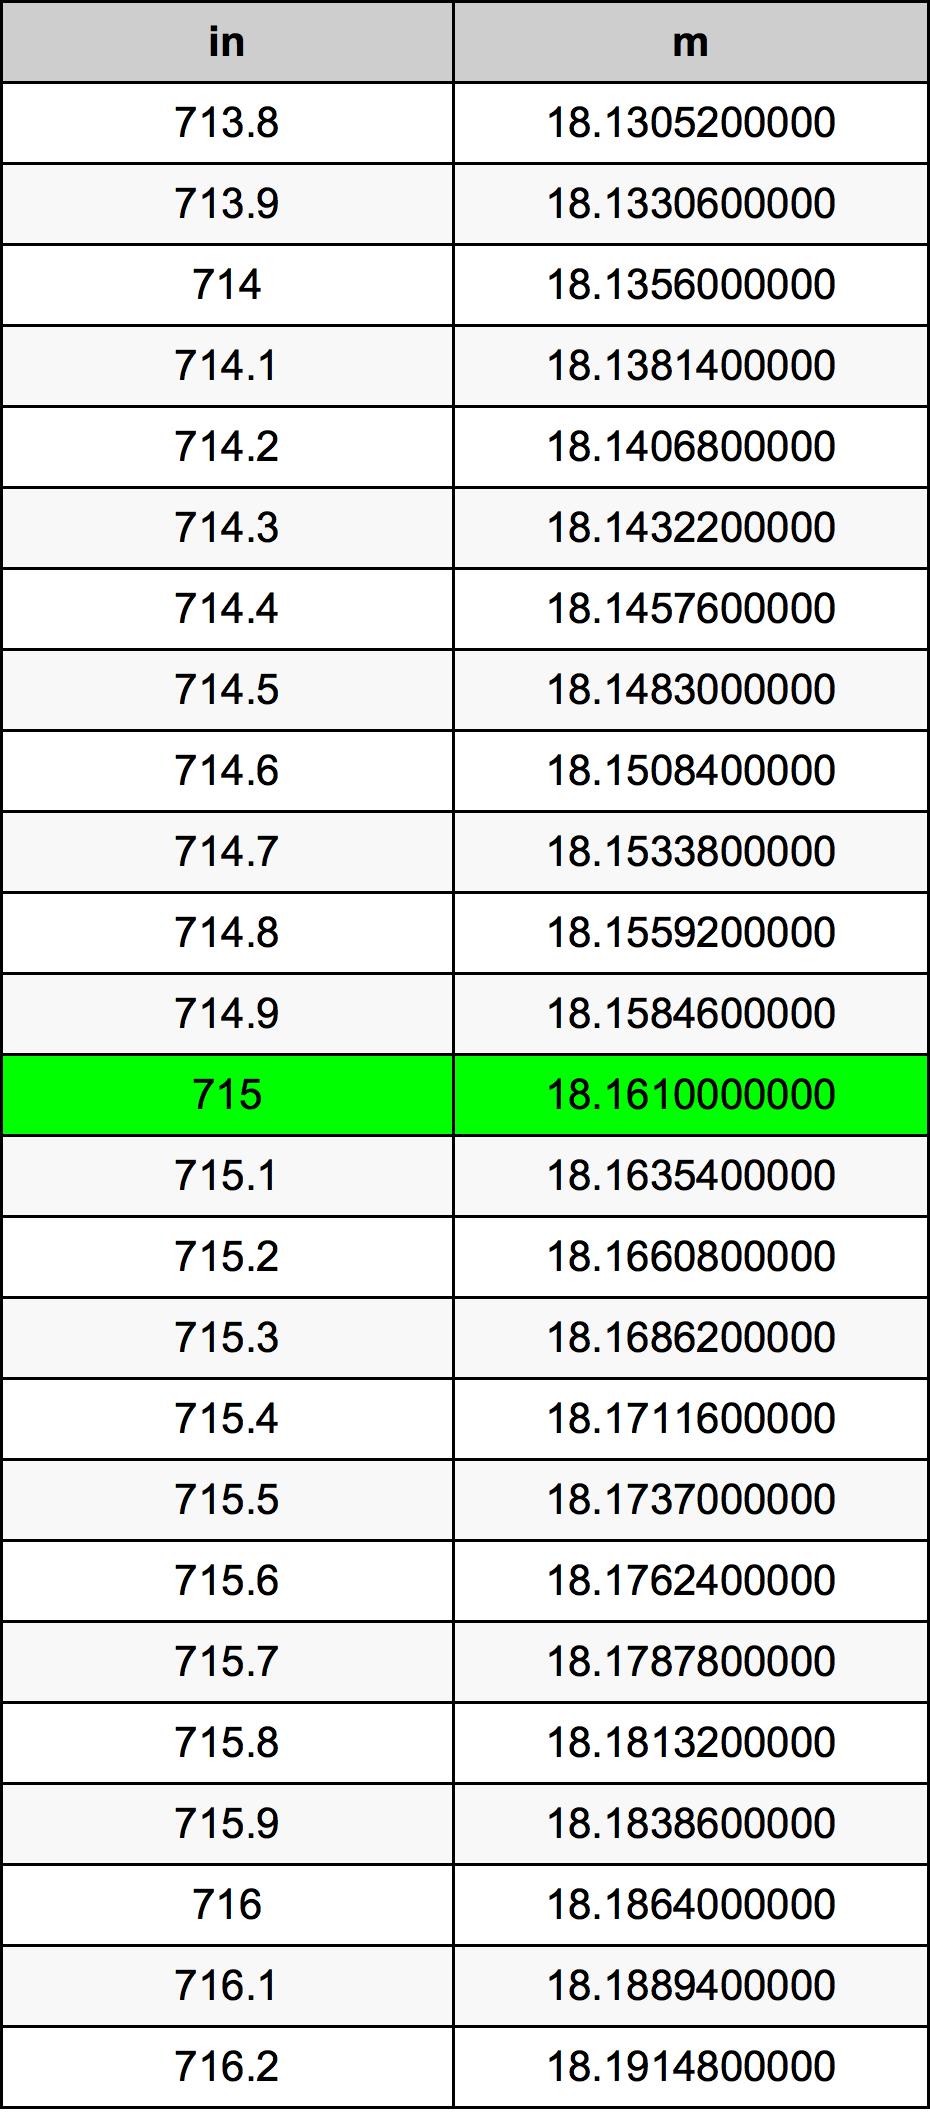 715 Tomme konverteringstabellen